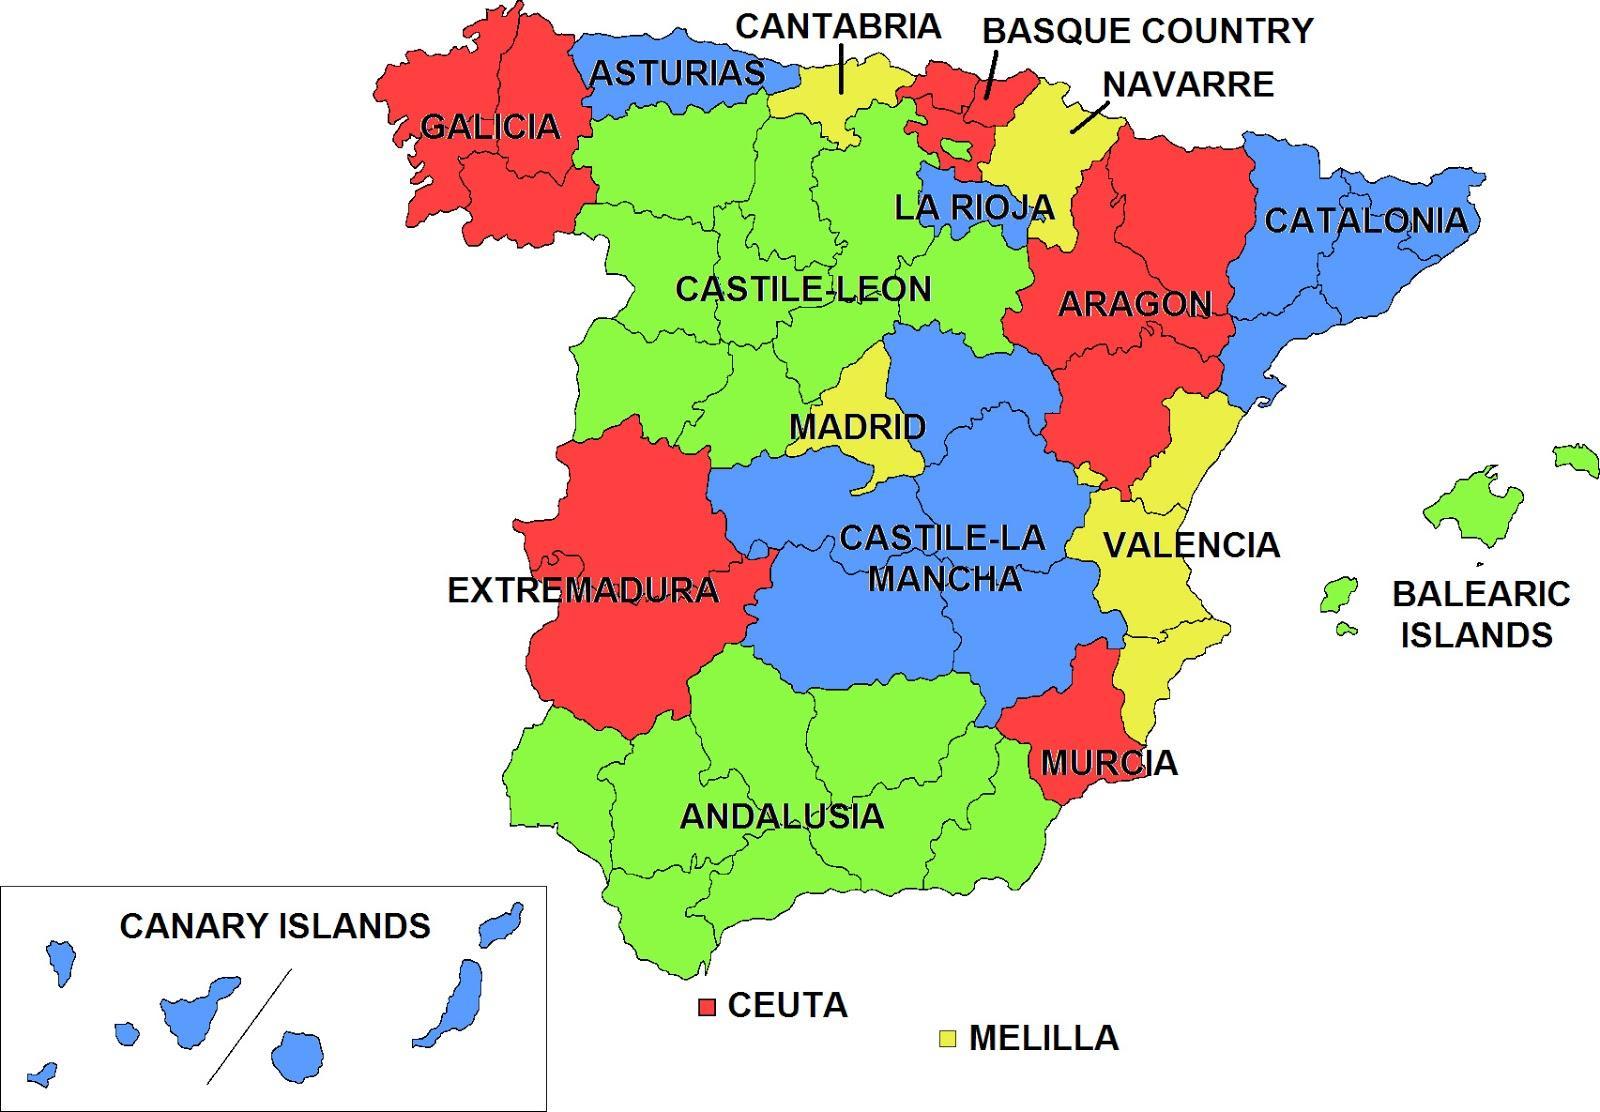 mapa de espanha regioes Espanha regiões do mapa   Mapa de Espanha e regiões (Sul da Europa  mapa de espanha regioes